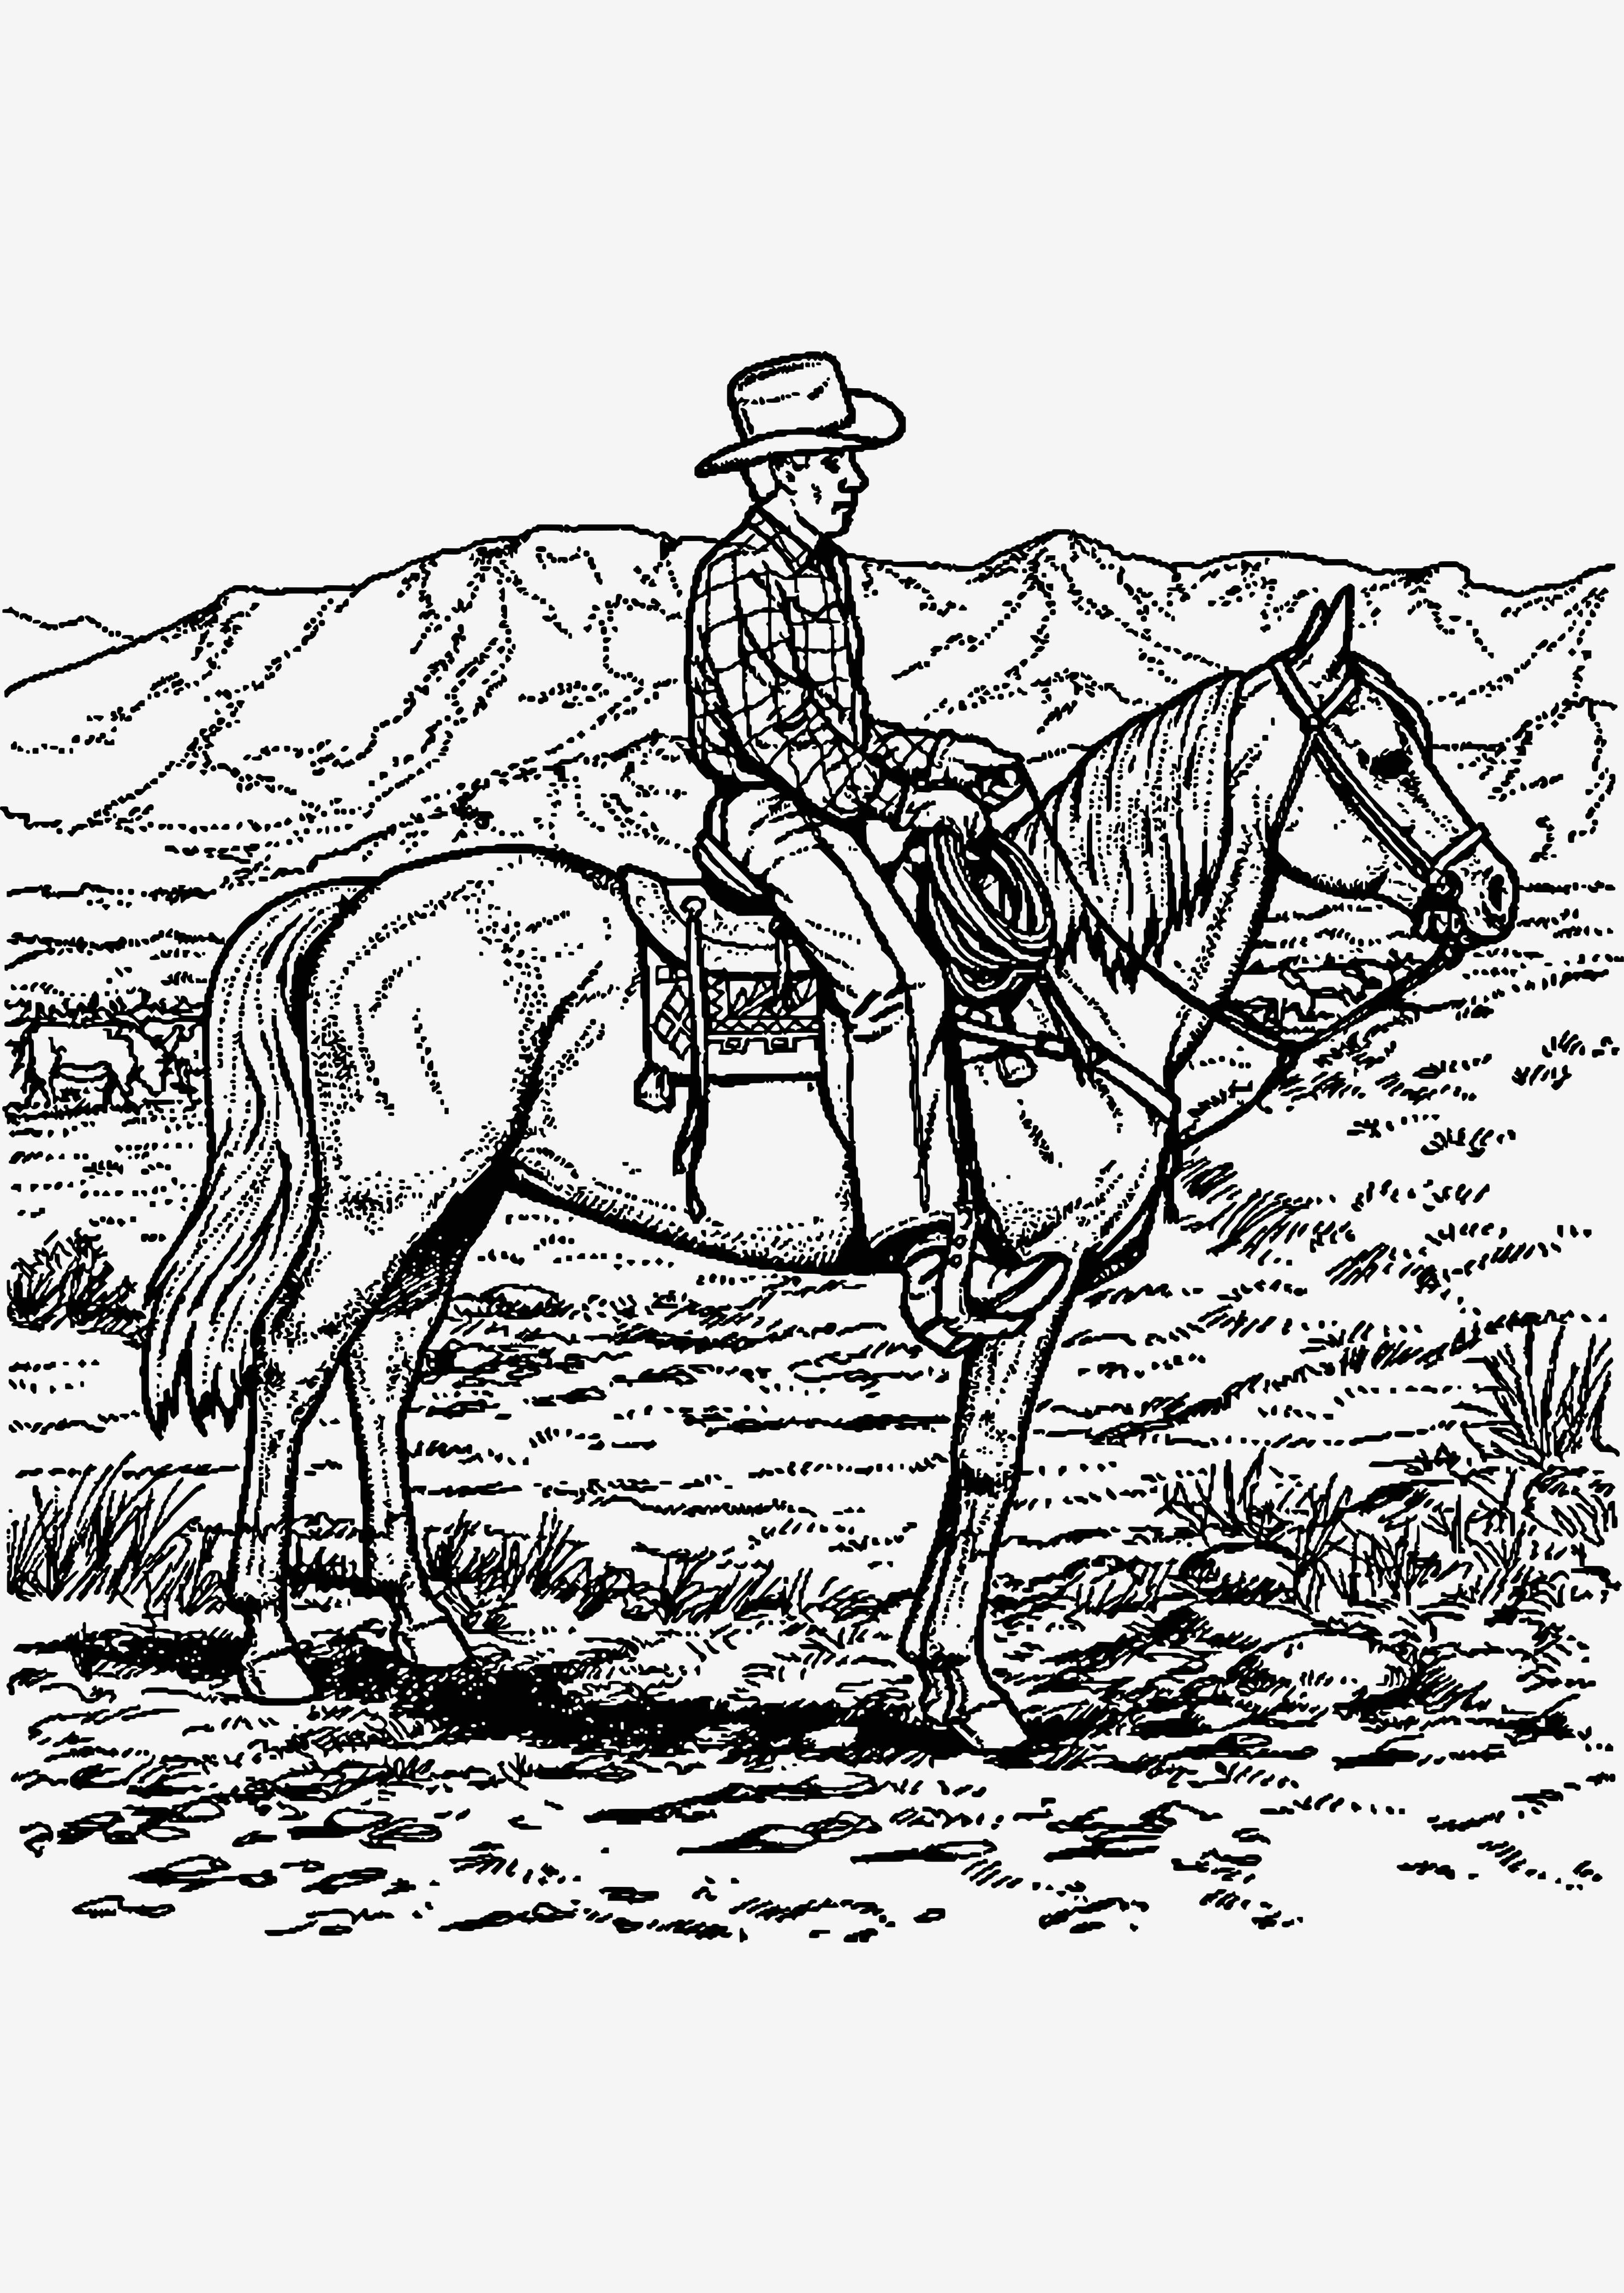 Pferde Ausmalbilder Mit Reiter Einzigartig Beispielbilder Färben Ausmalbilder Pferde Kostenlos Fotos